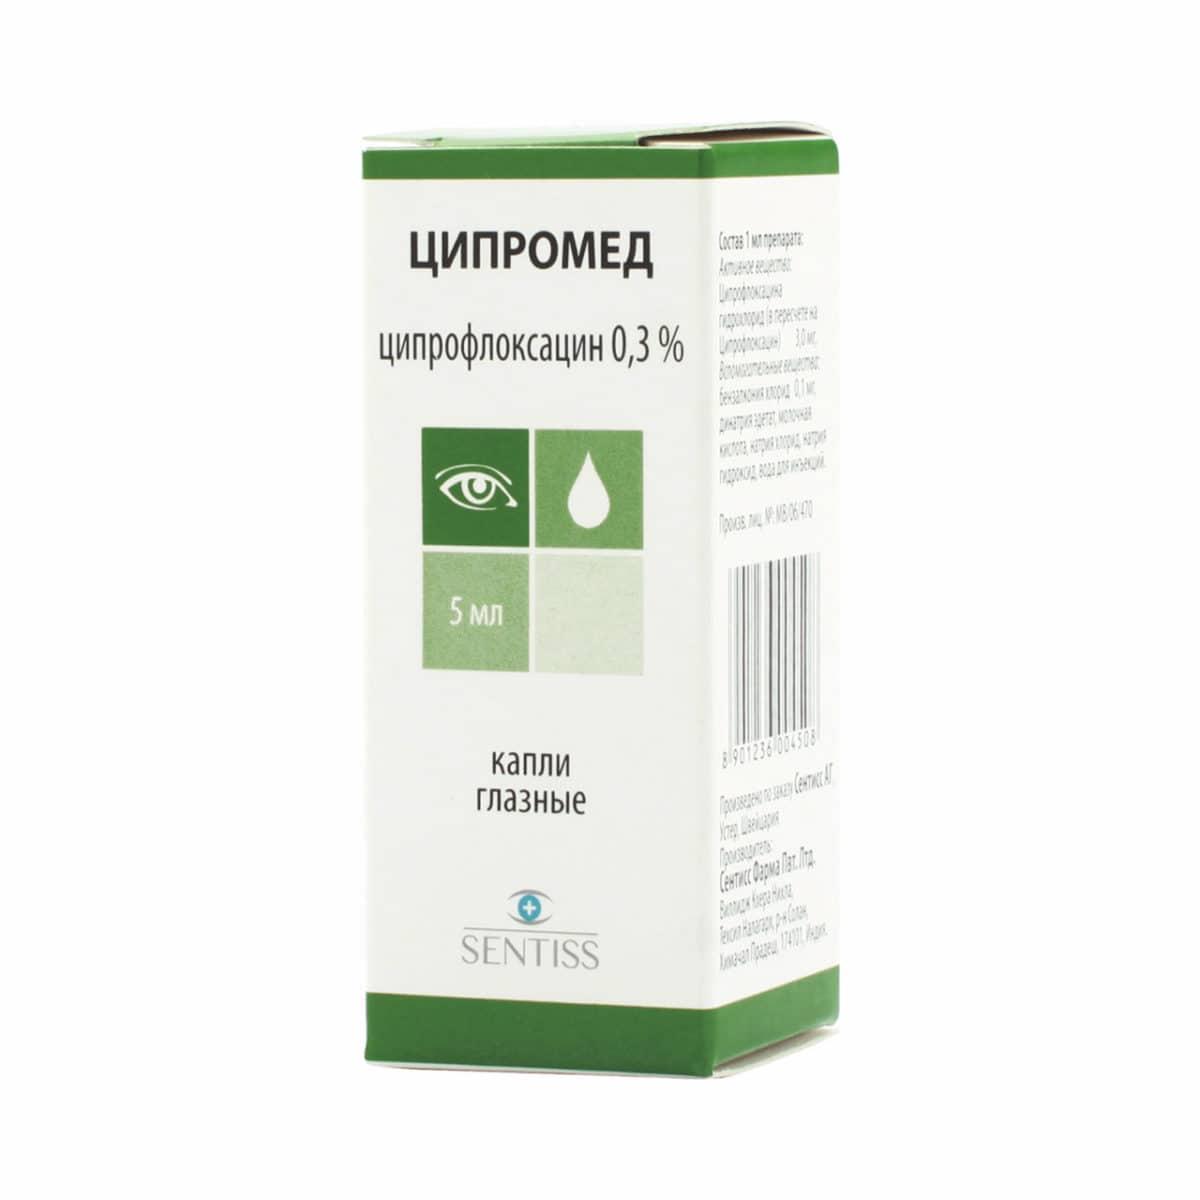 Капли ципрофарм: инструкция к препарату